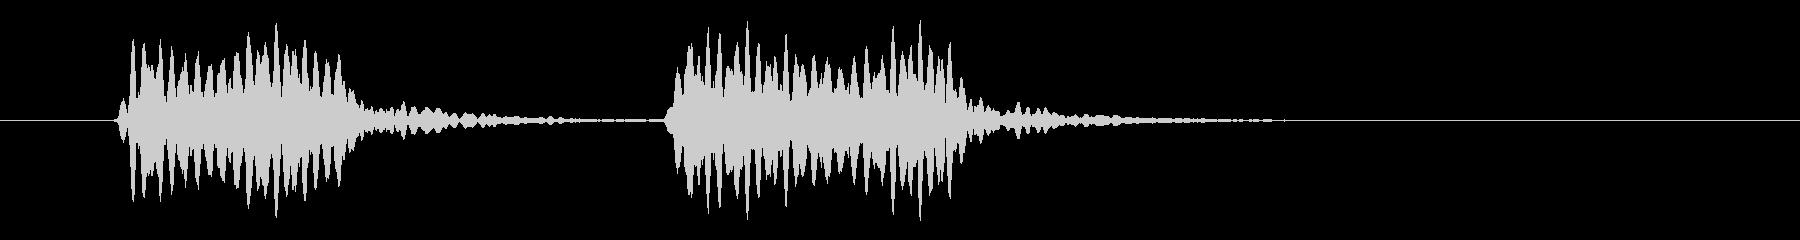 フォックス40レフリーホイッスル:...の未再生の波形